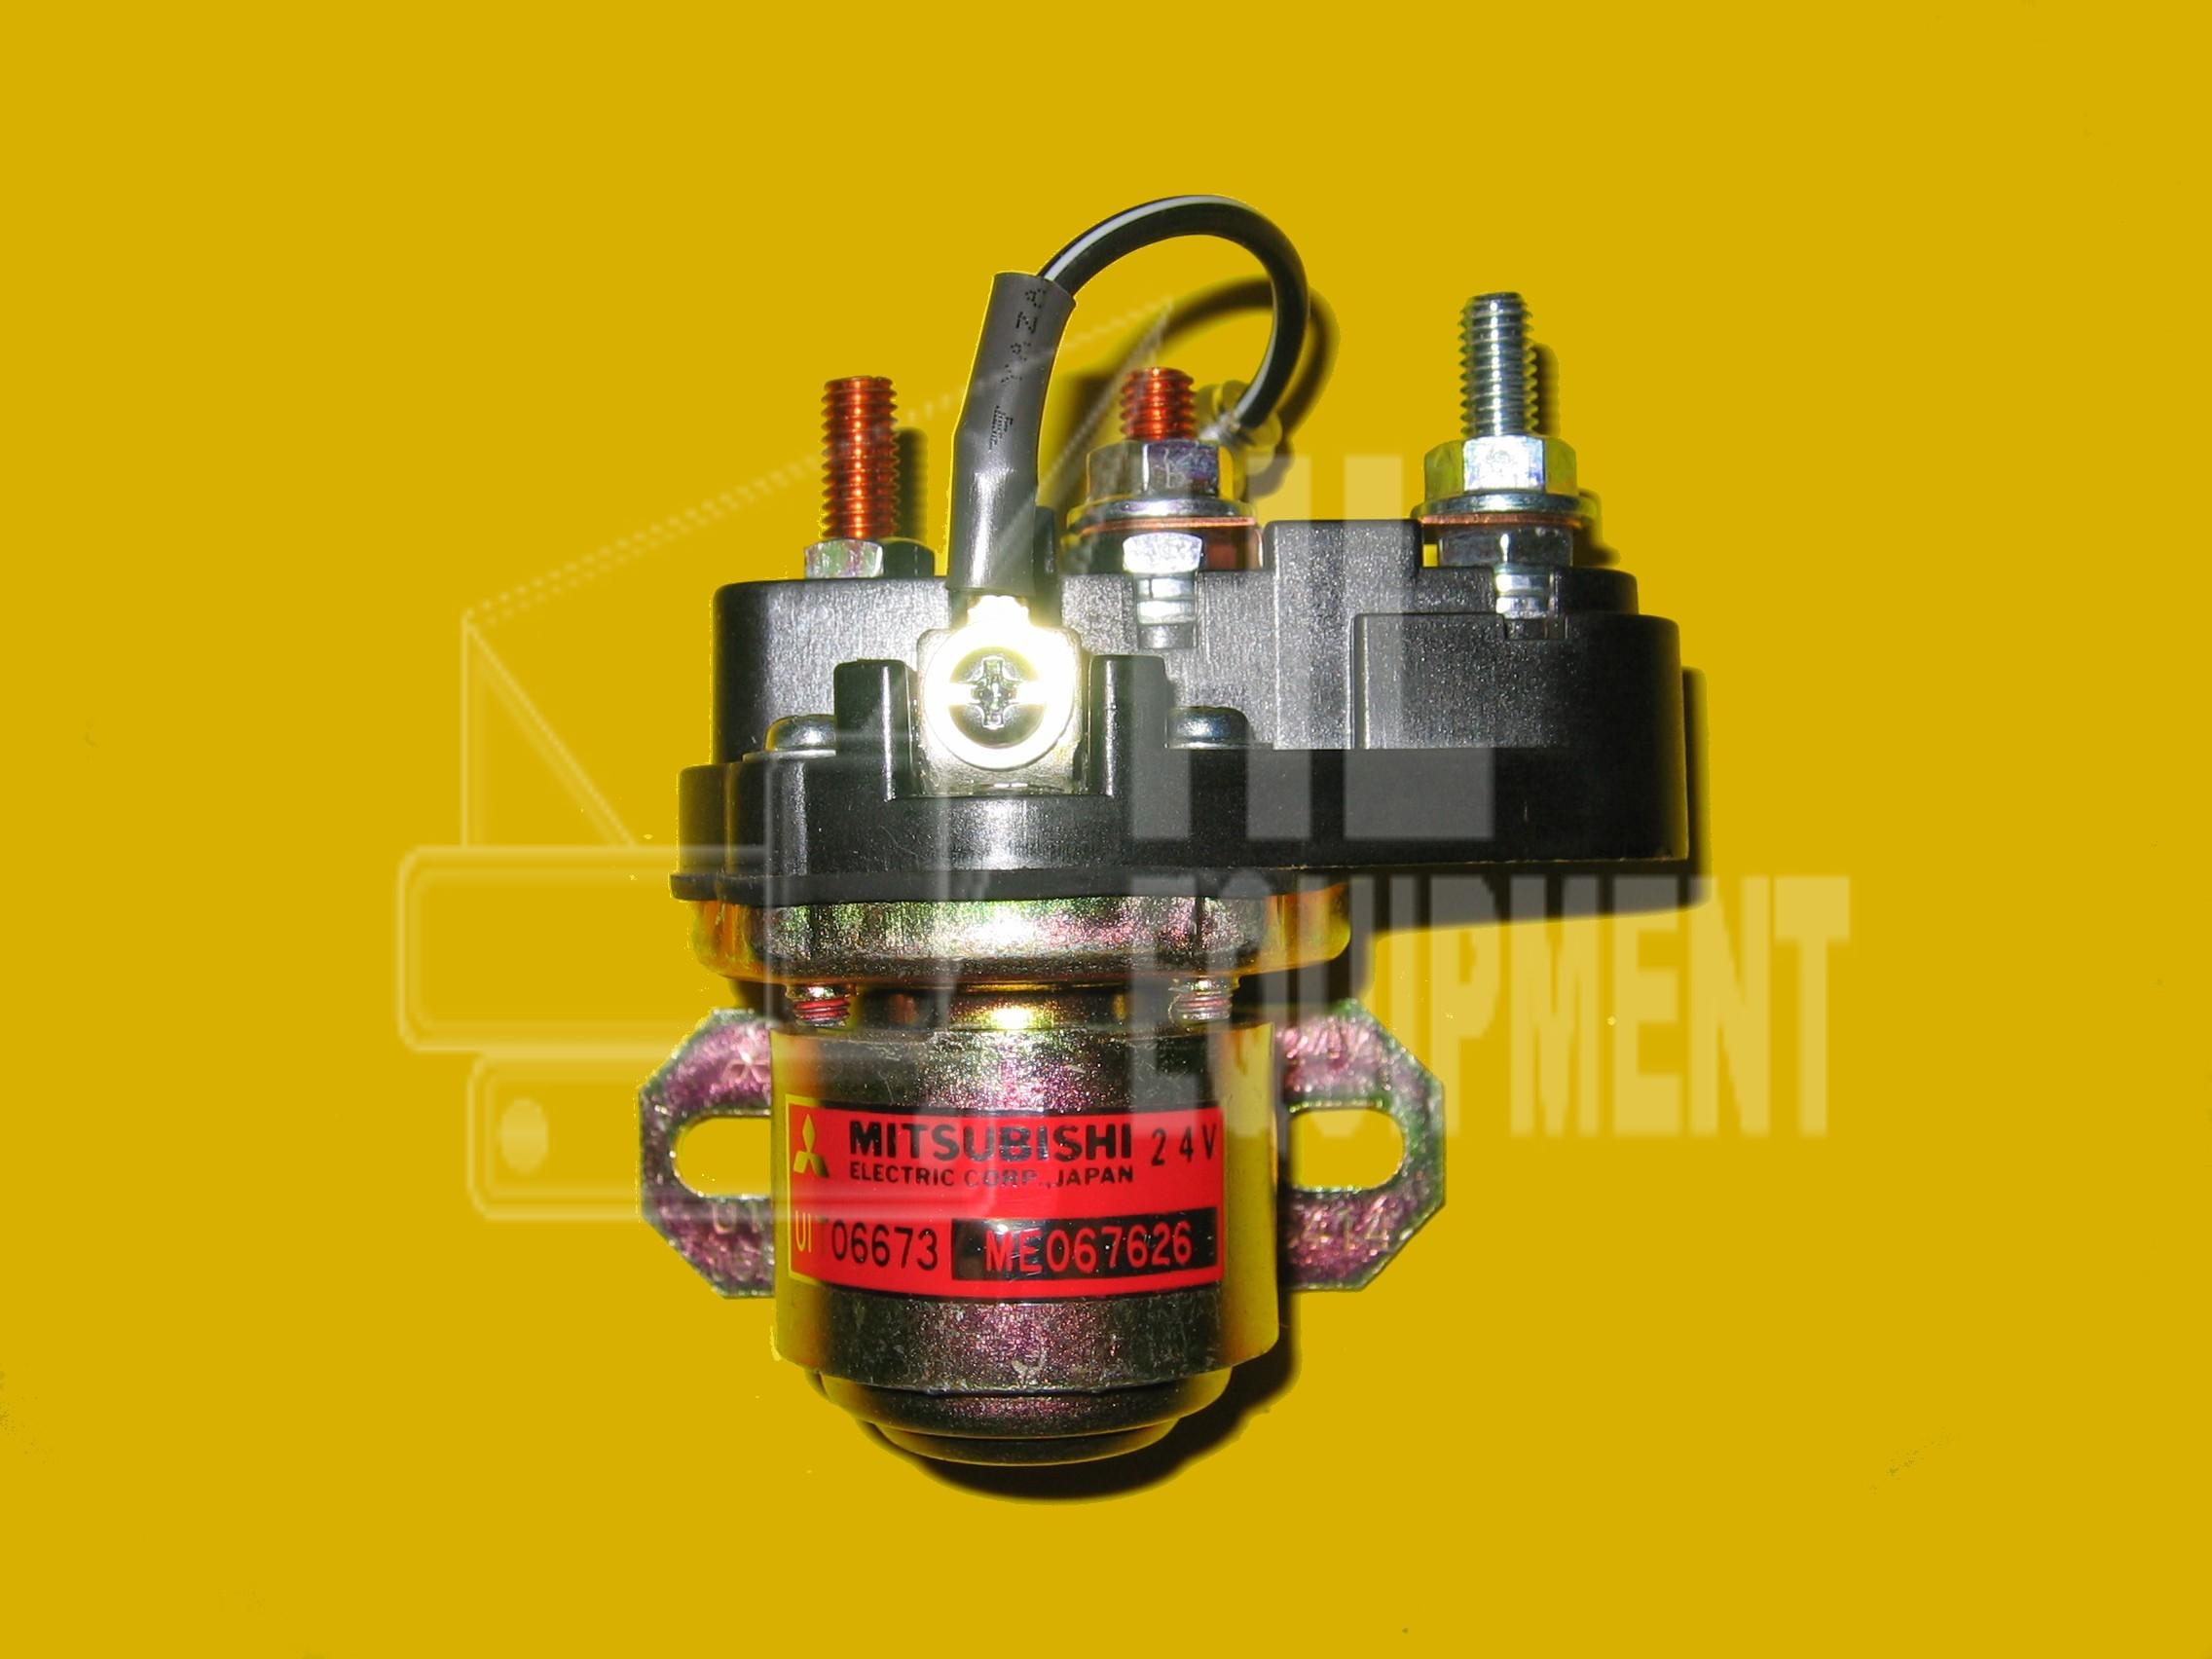 Mitsubishi Crane Spare Parts : Mitsubishi relay crane parts